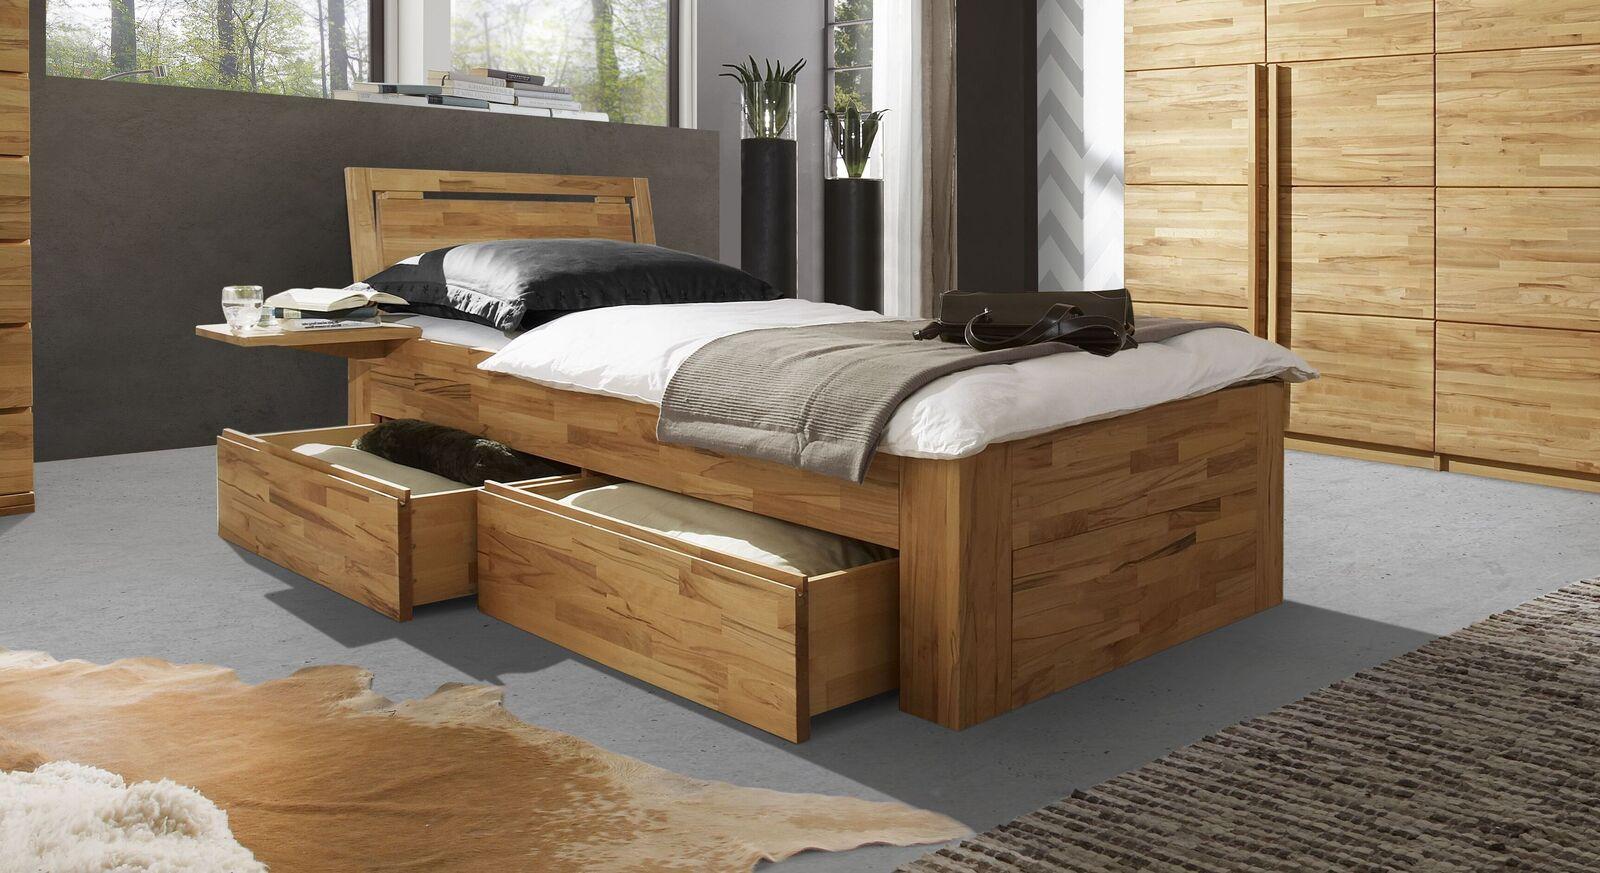 Schubkasten-Einzelbett Andalucia inklusive Kopfteil